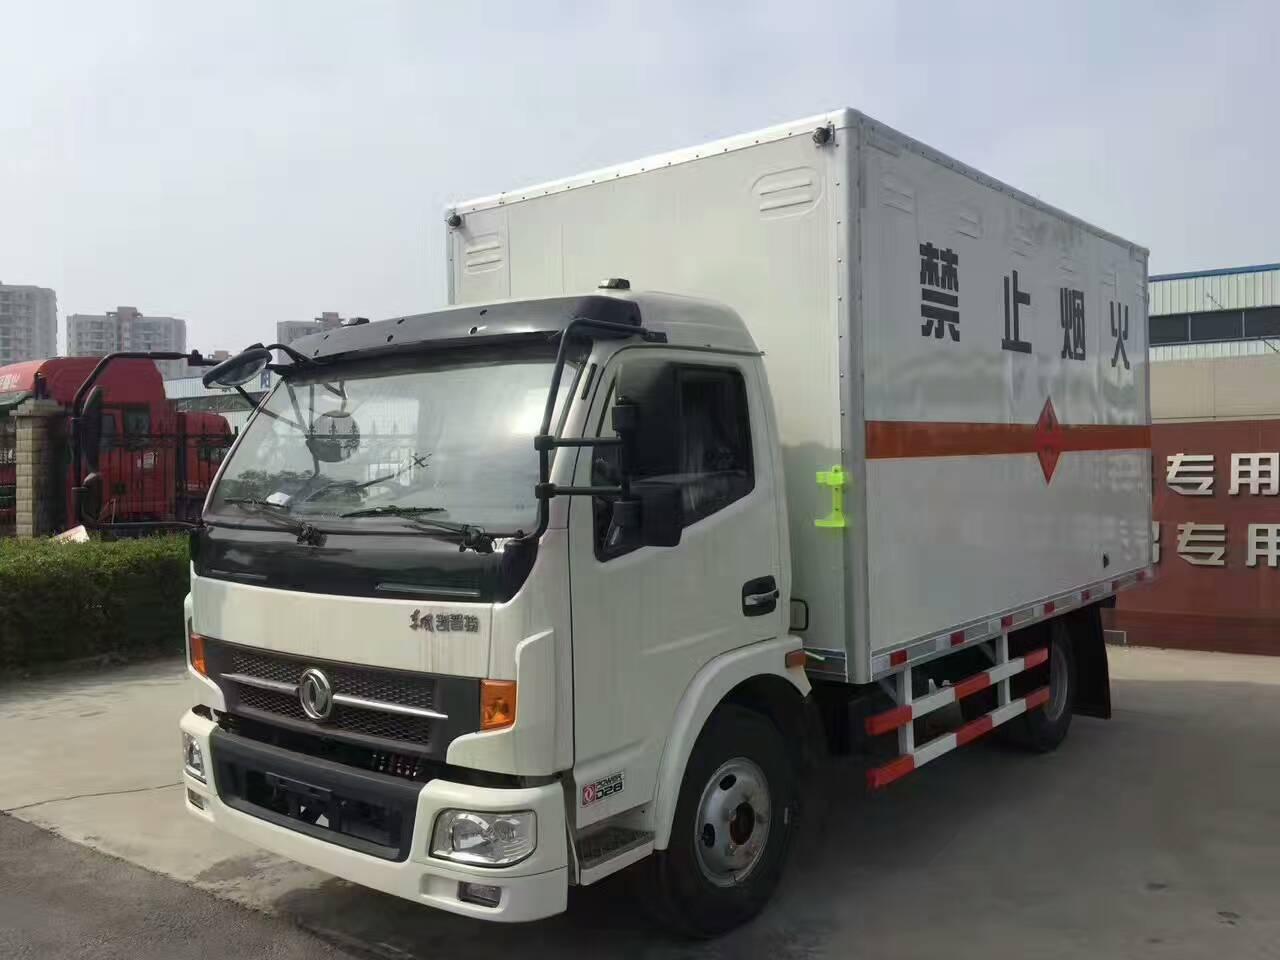 贵州爆破器材运输车装卸注意事项详解